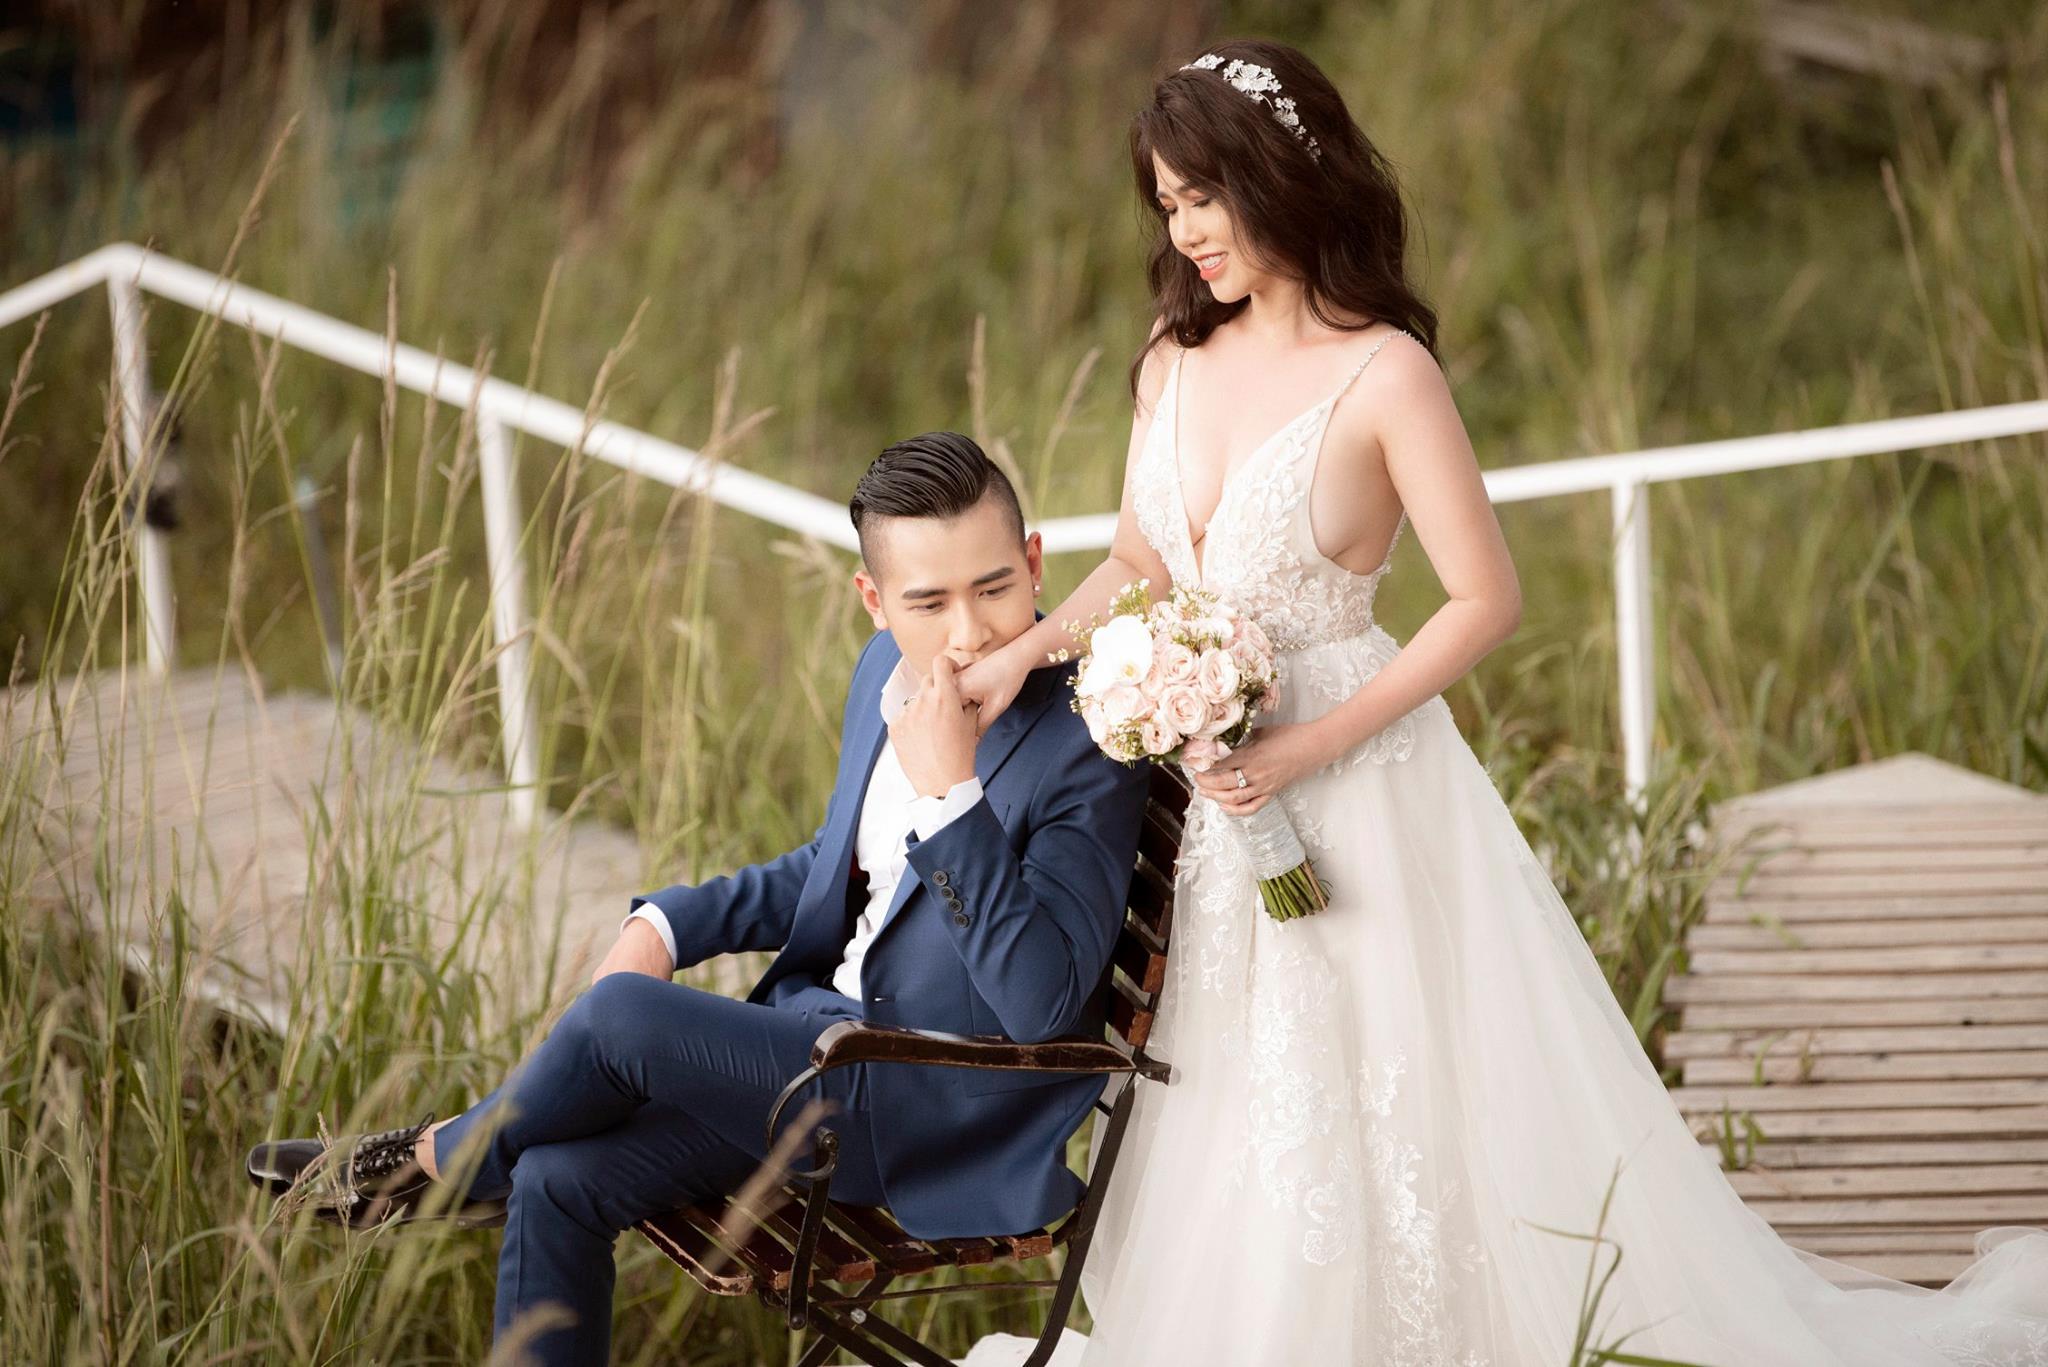 """Tiêu Quang Vboys lên tiếng chuyện lấy vợ cũ của đồng nghiệp là chị gái """"nữ hoàng nội y"""" - 1"""